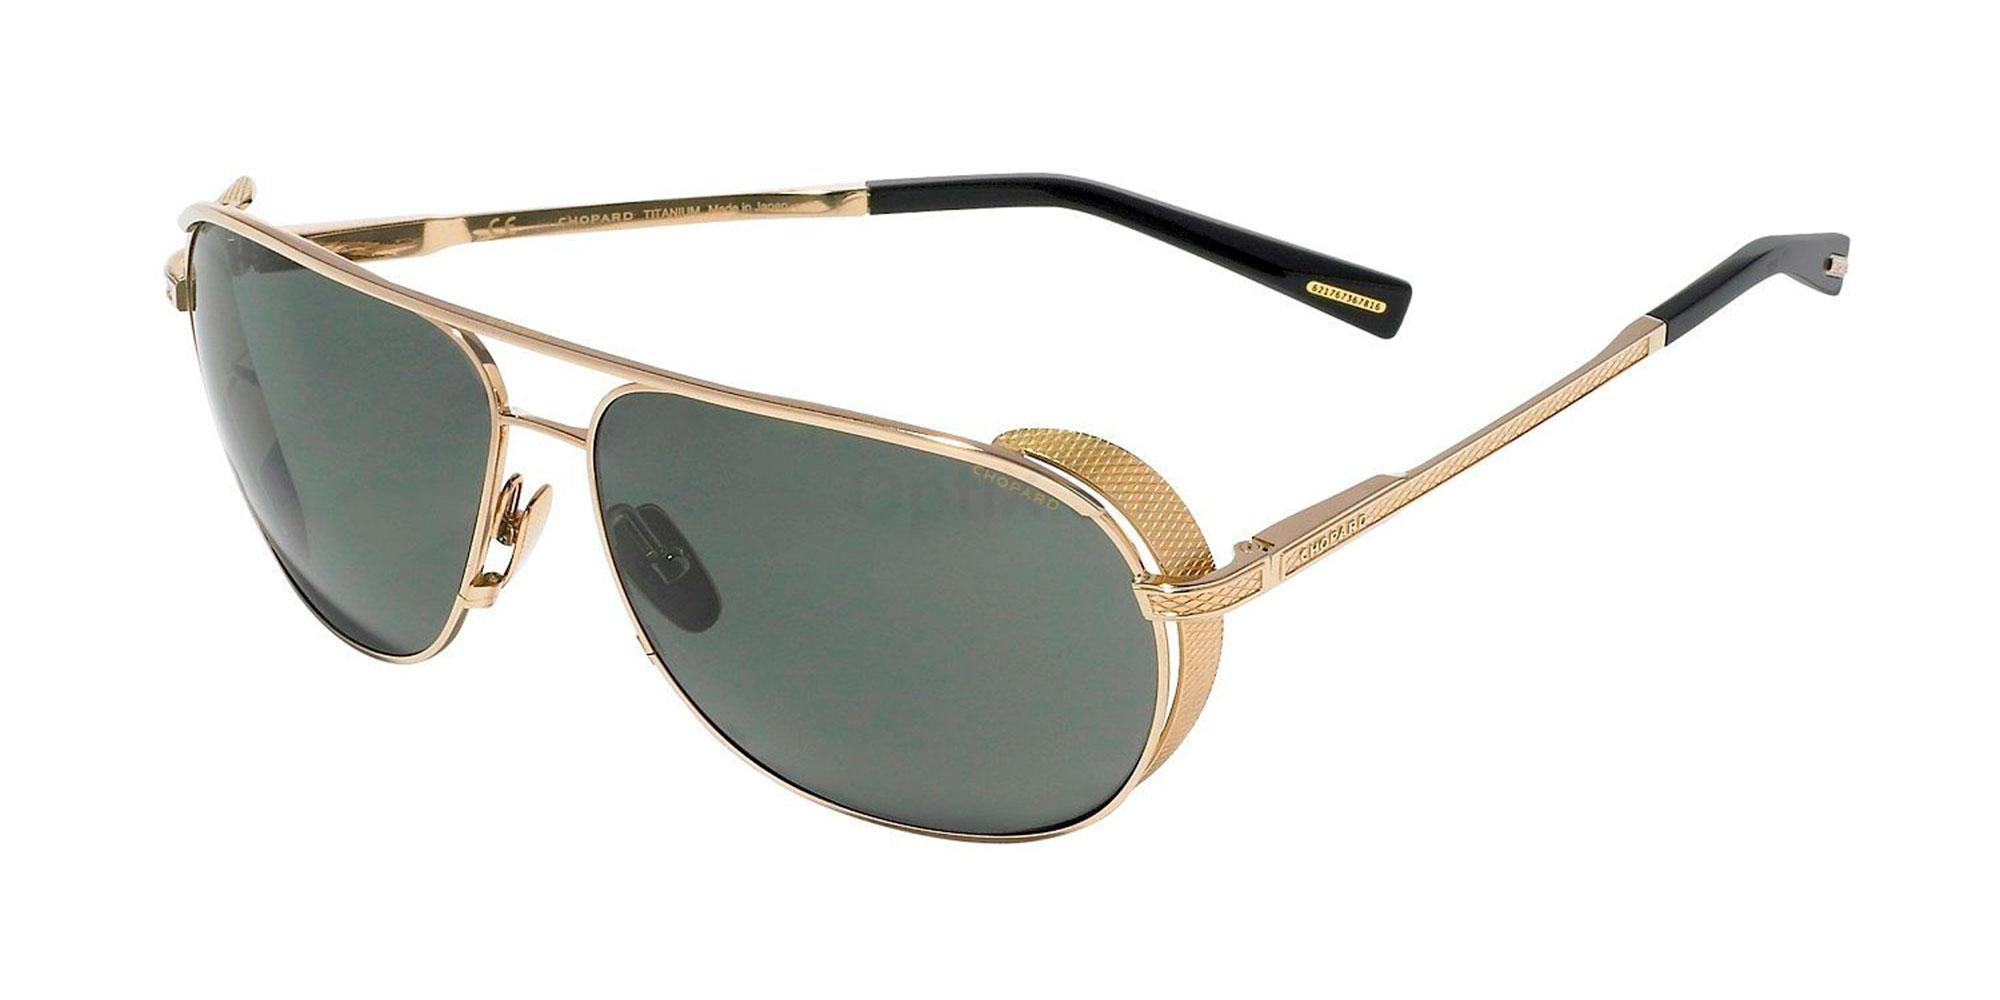 349P SCHC34M Sunglasses, Chopard